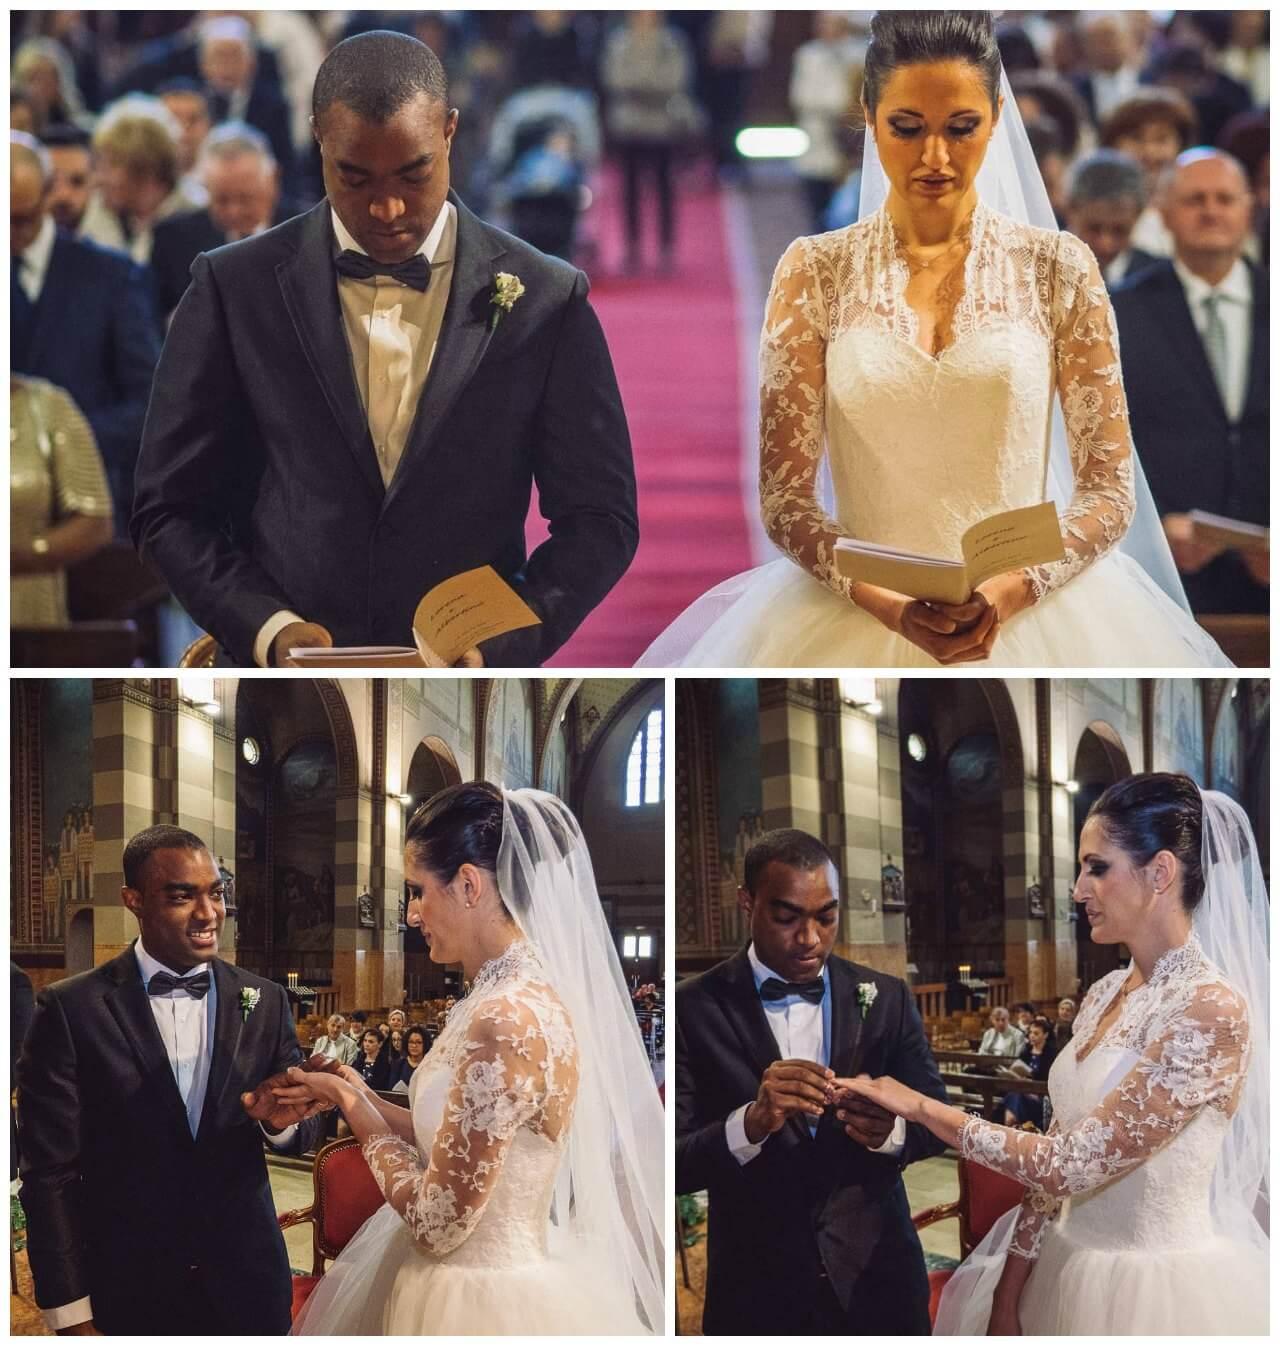 matrimonio a Bergamo: gli sposi e la promessa in chiesa